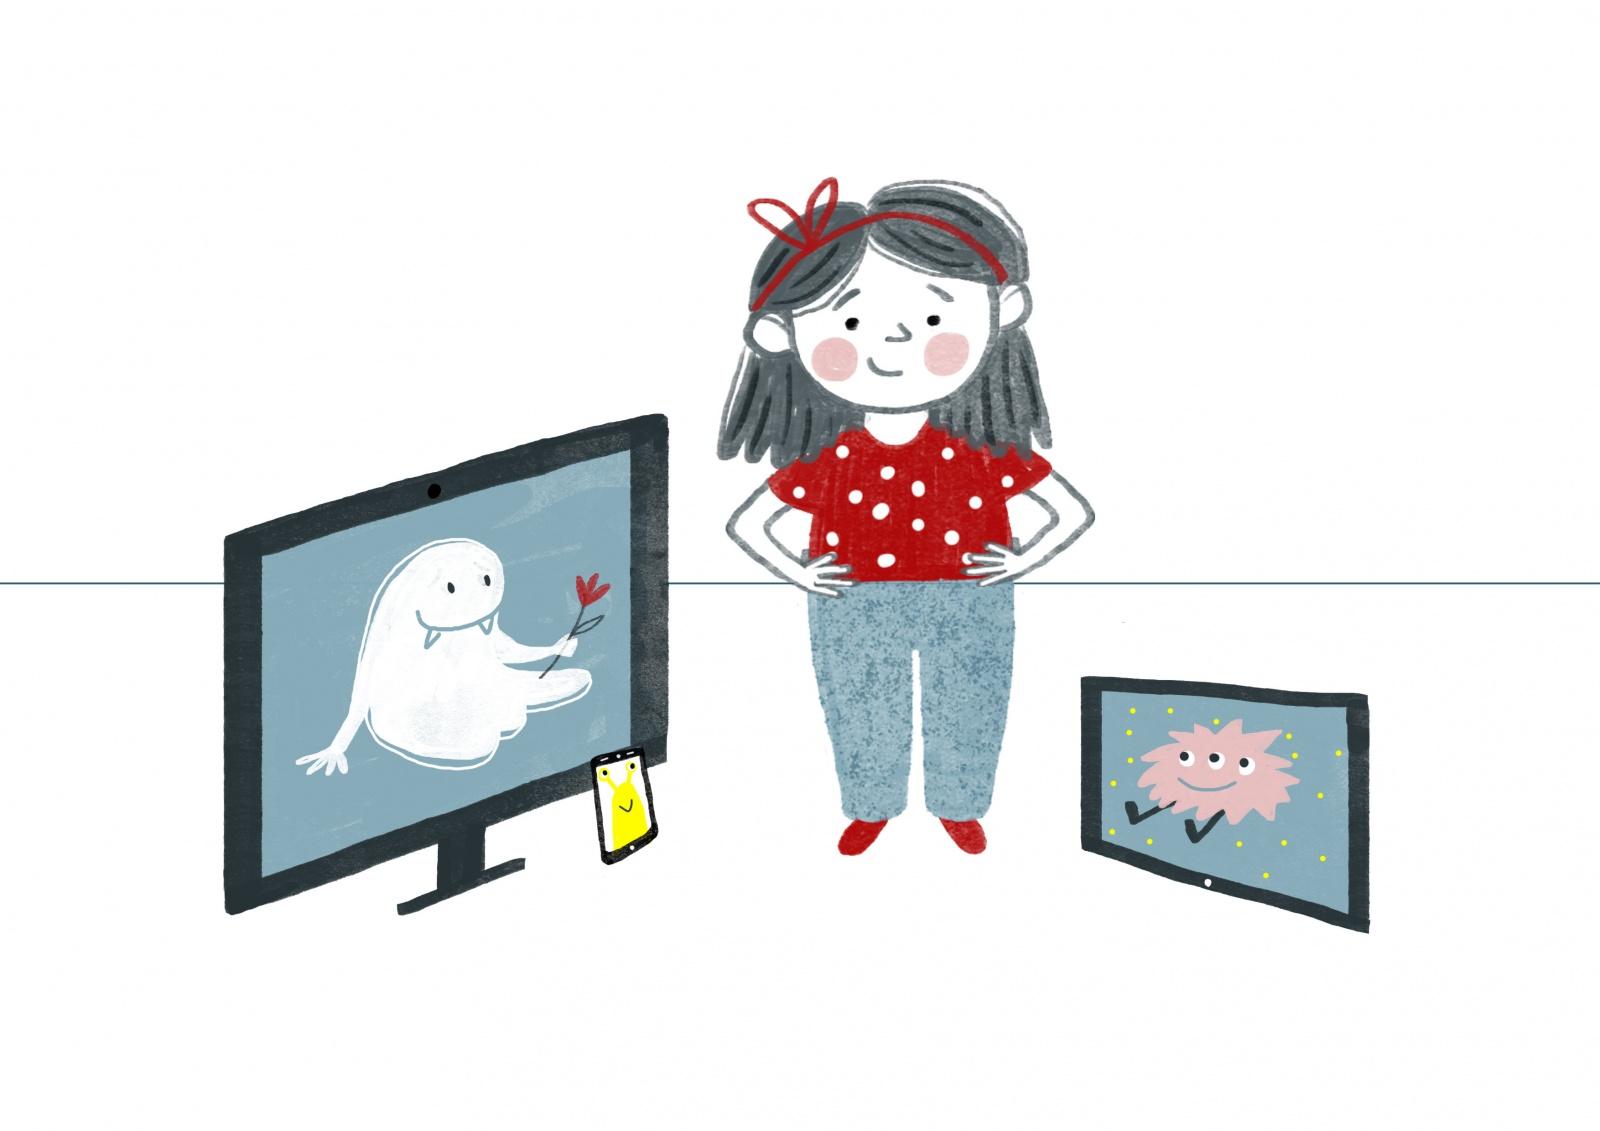 Ребенок, интернет и родители. Как избежать ловушек, получить пользу и остаться друзьями? - 7